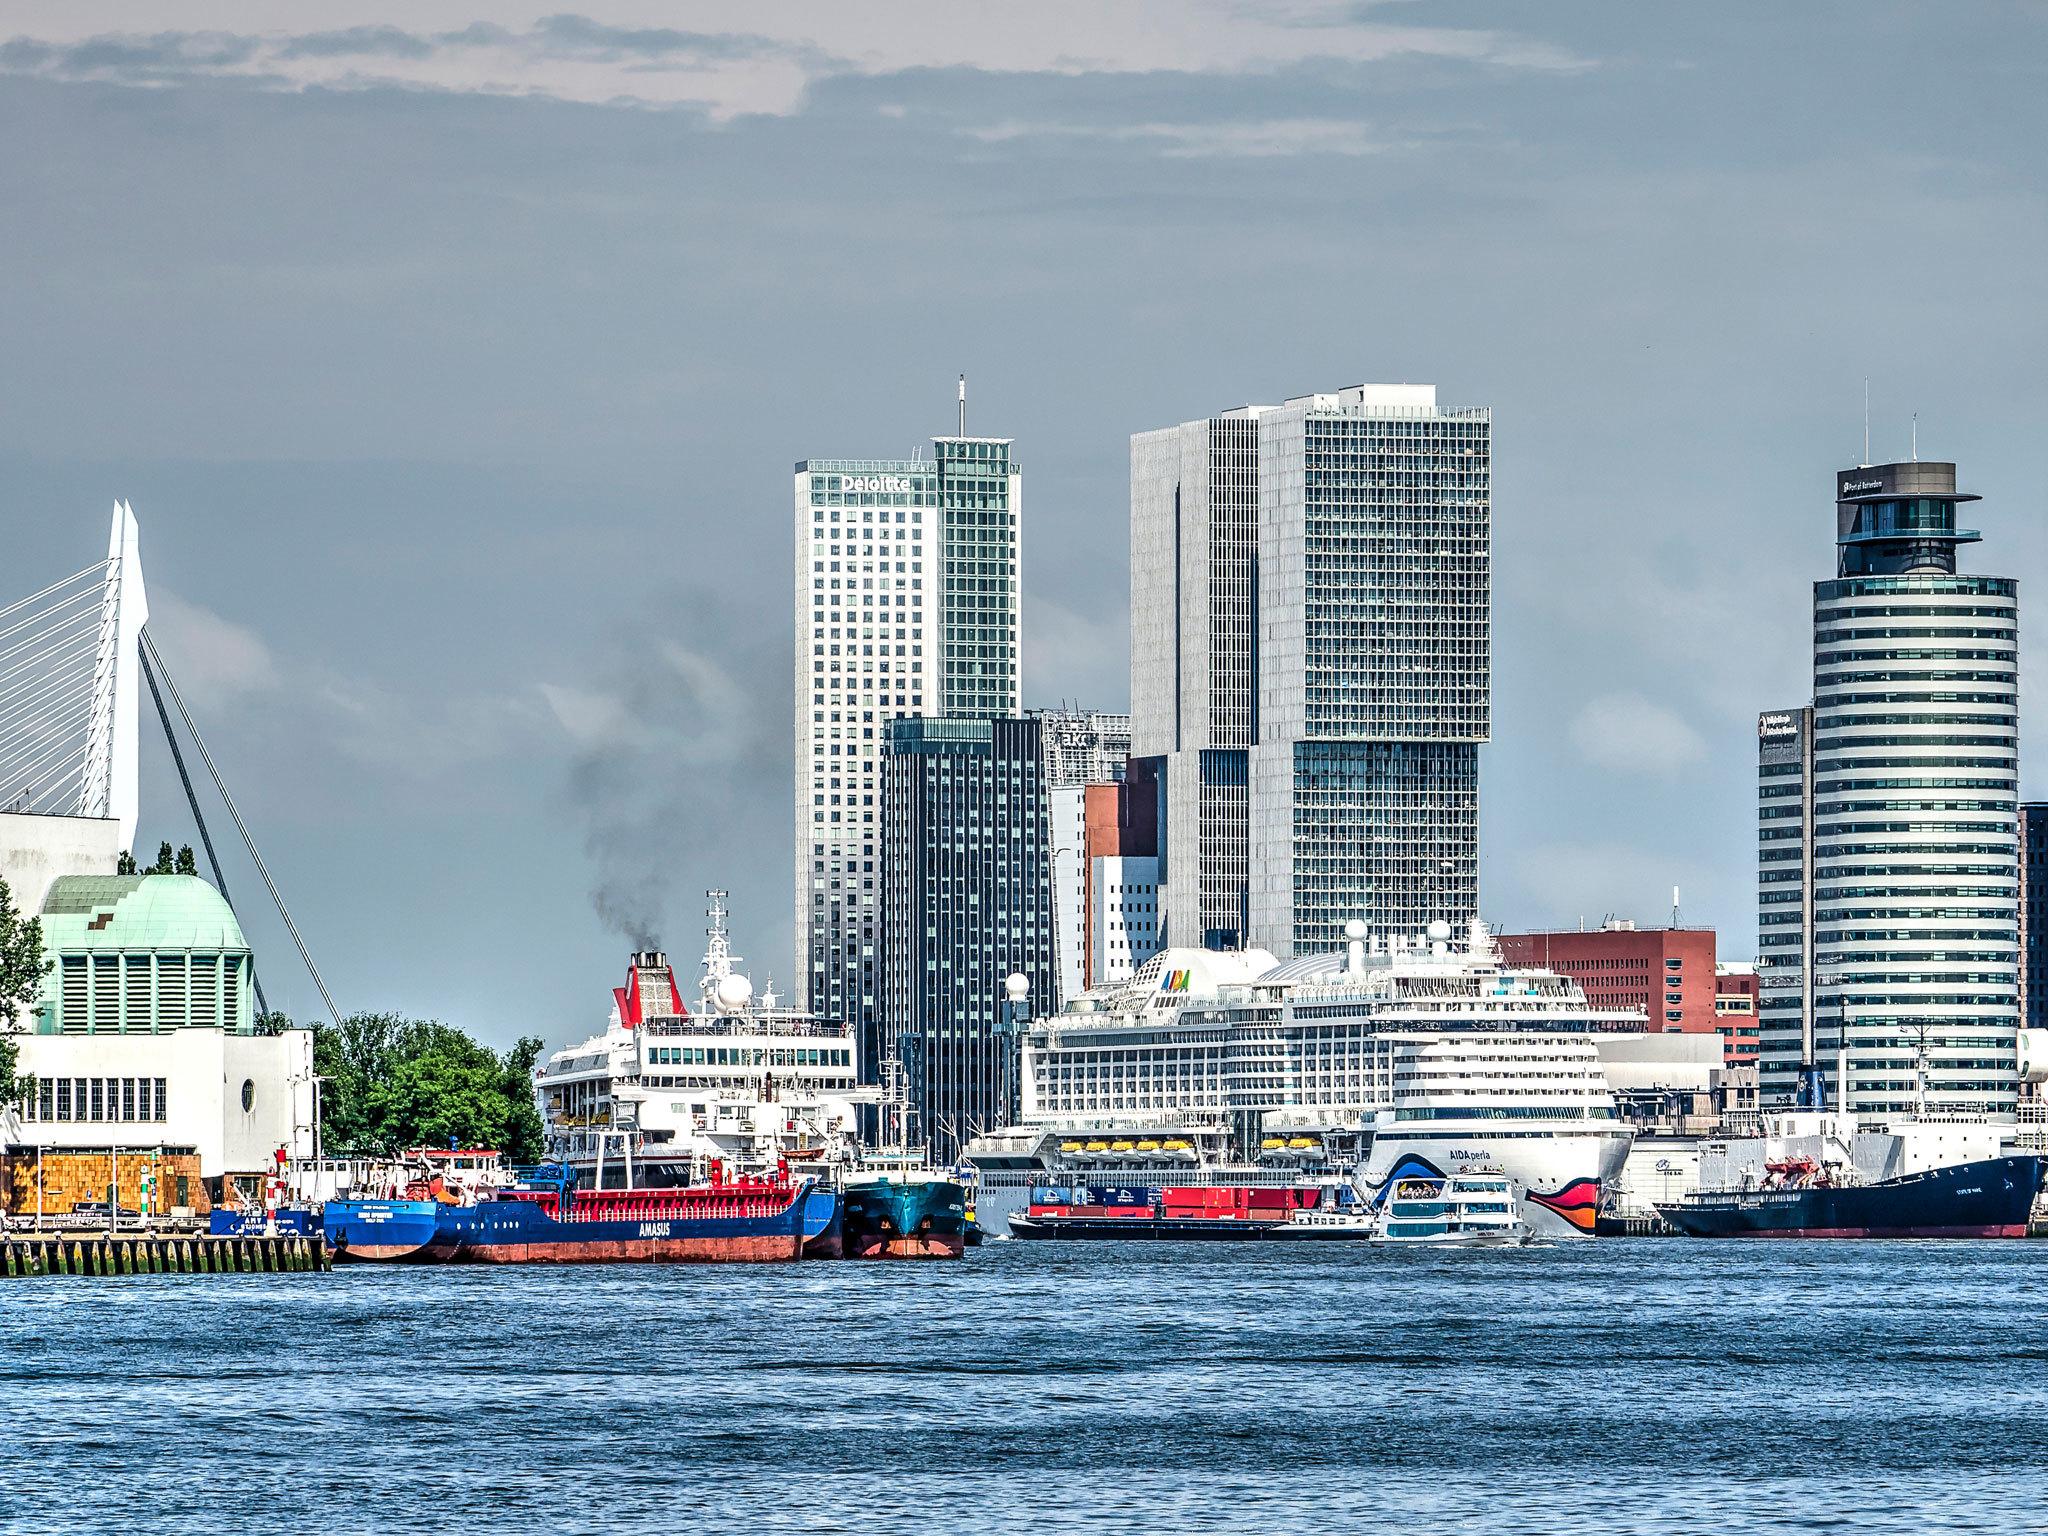 Spido Harbour - Rotterdam - Netherlands